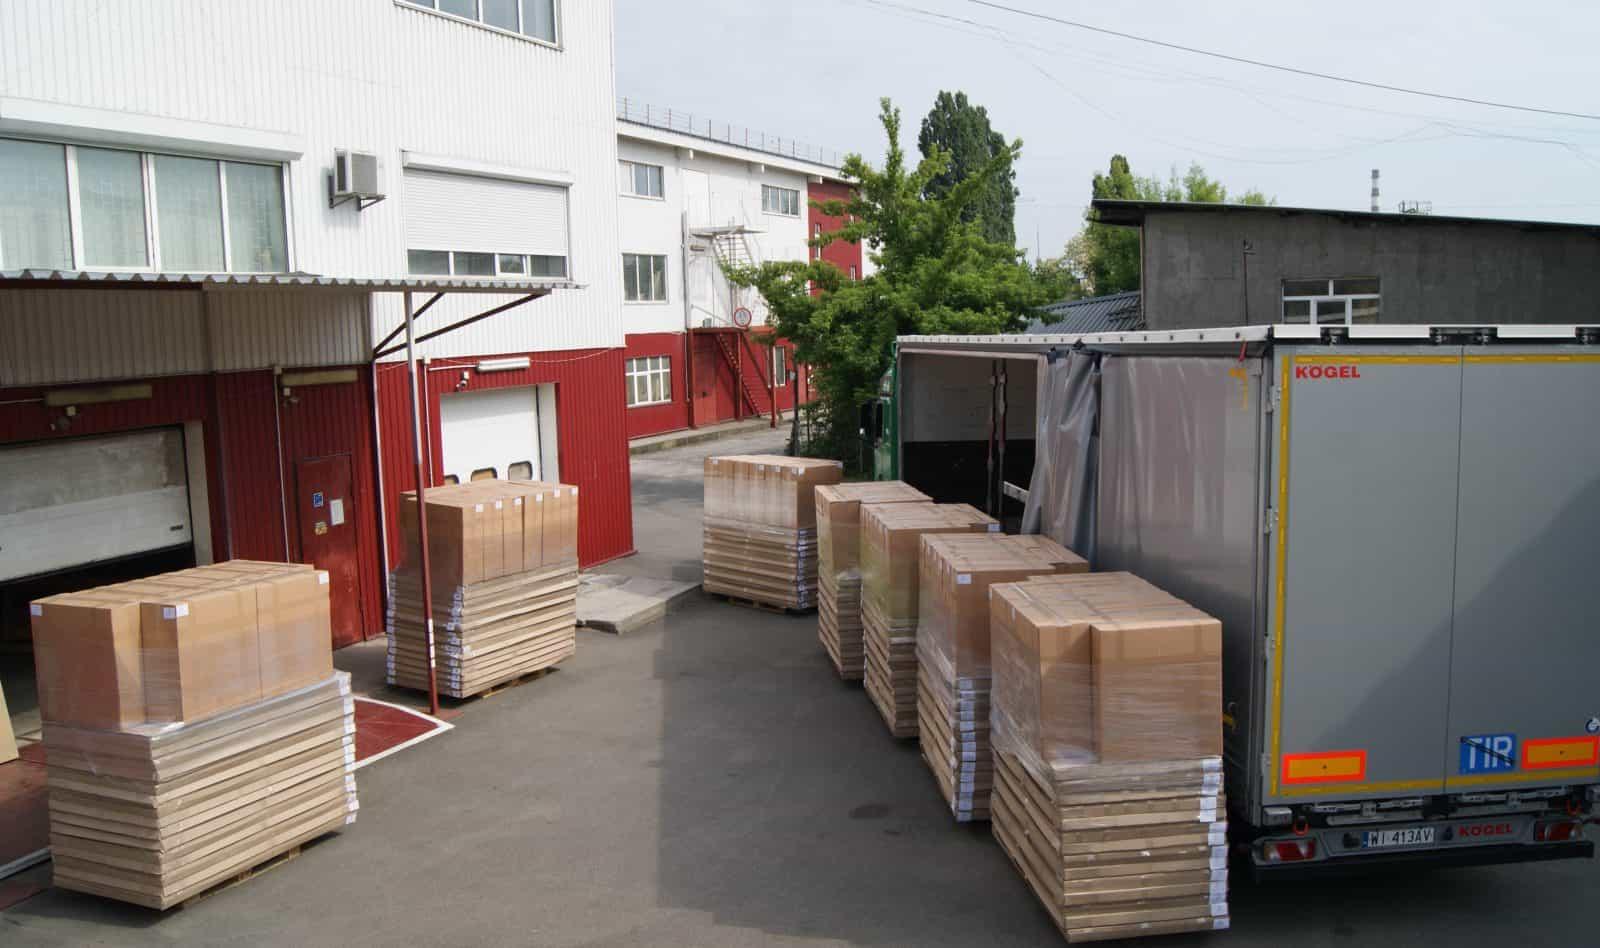 transport møbel fabrik